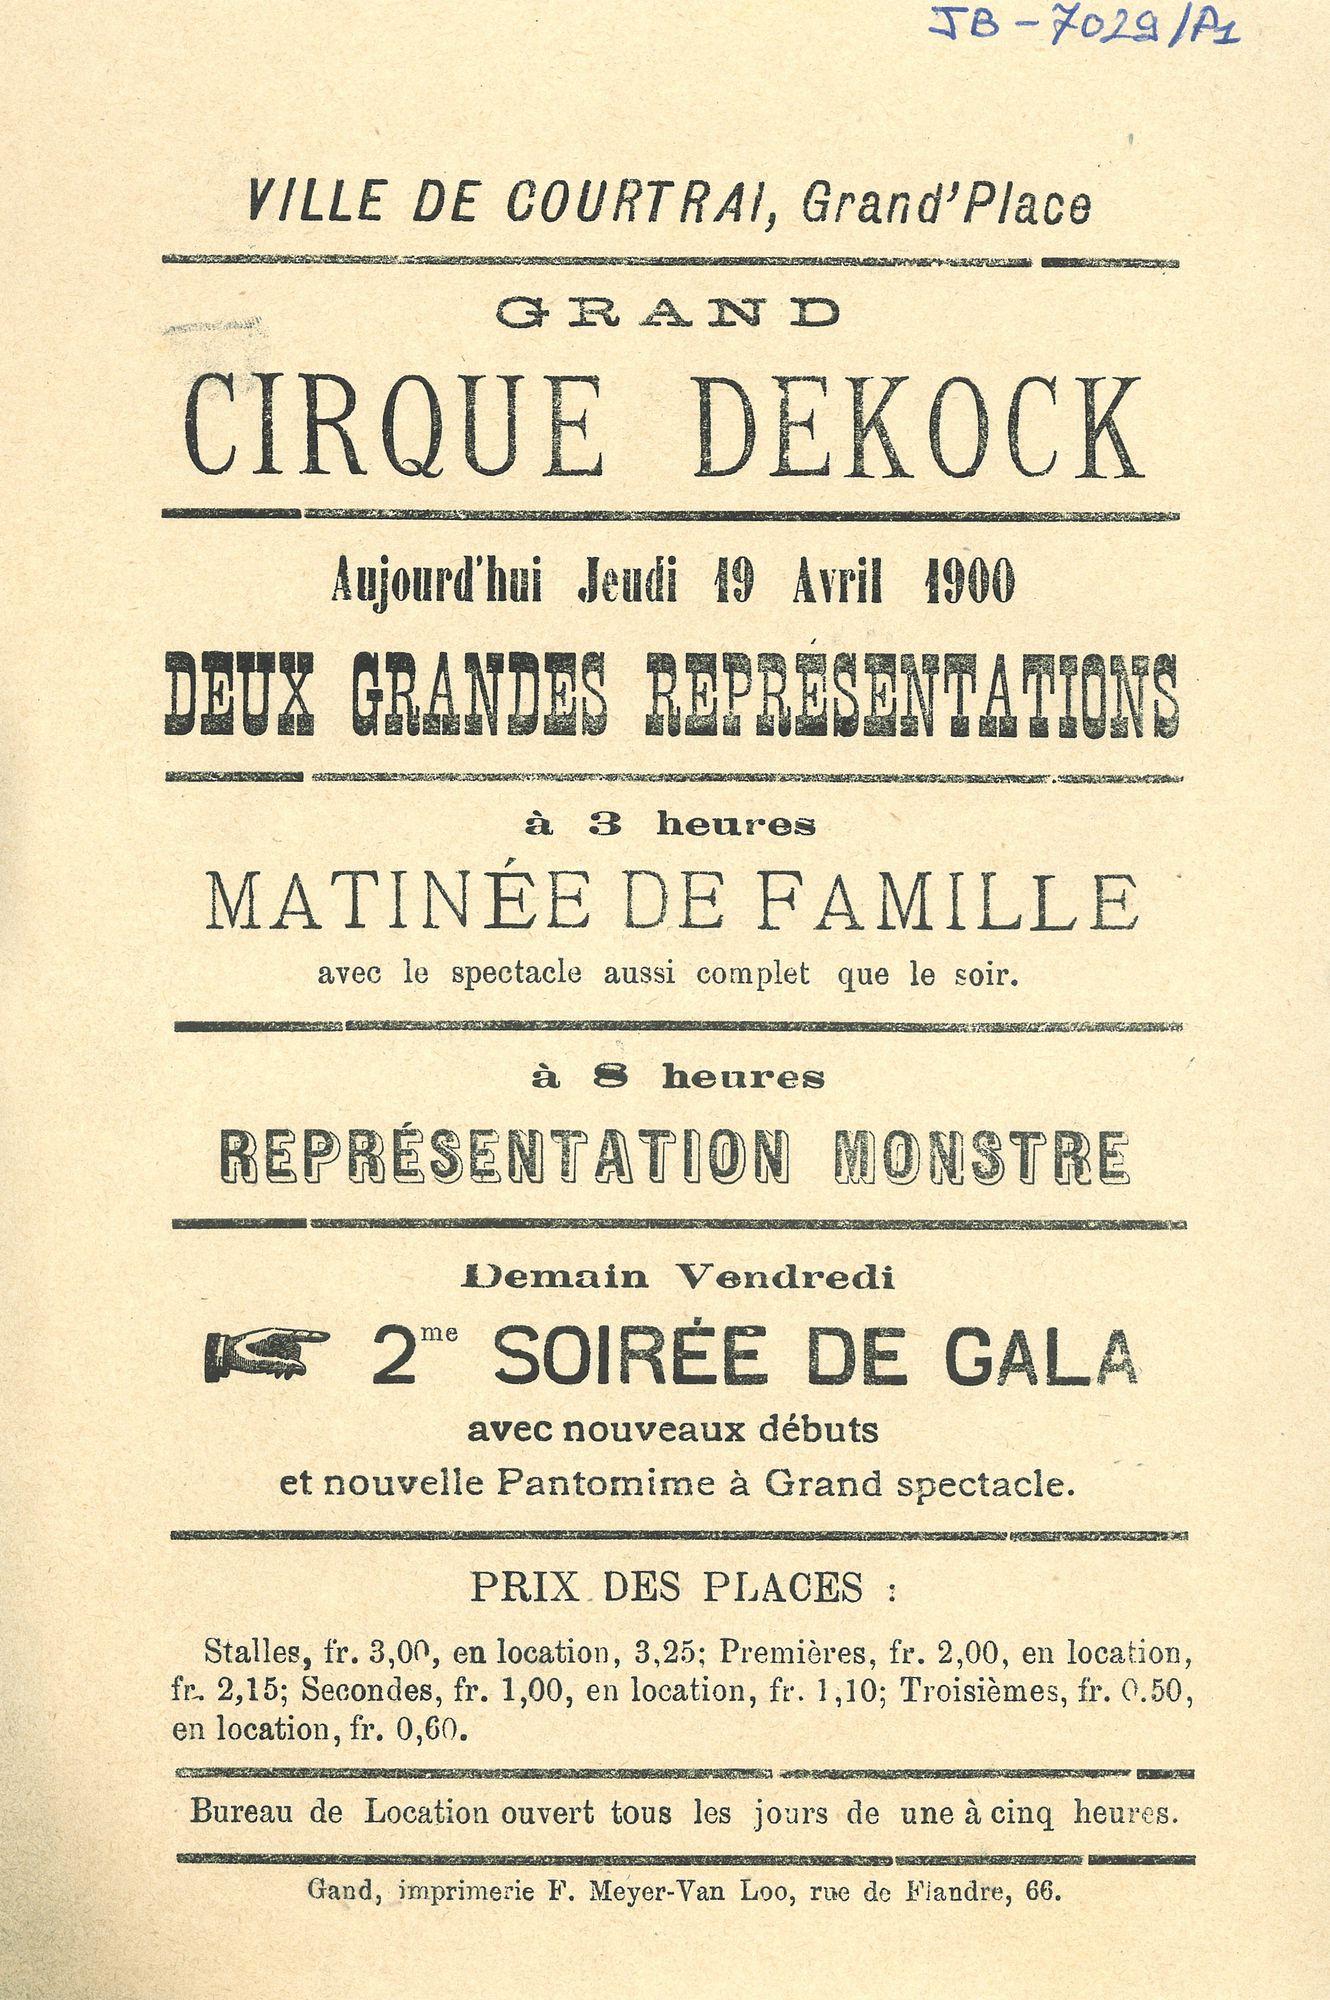 Paasfoor 1900: Grand Cirque Dekock